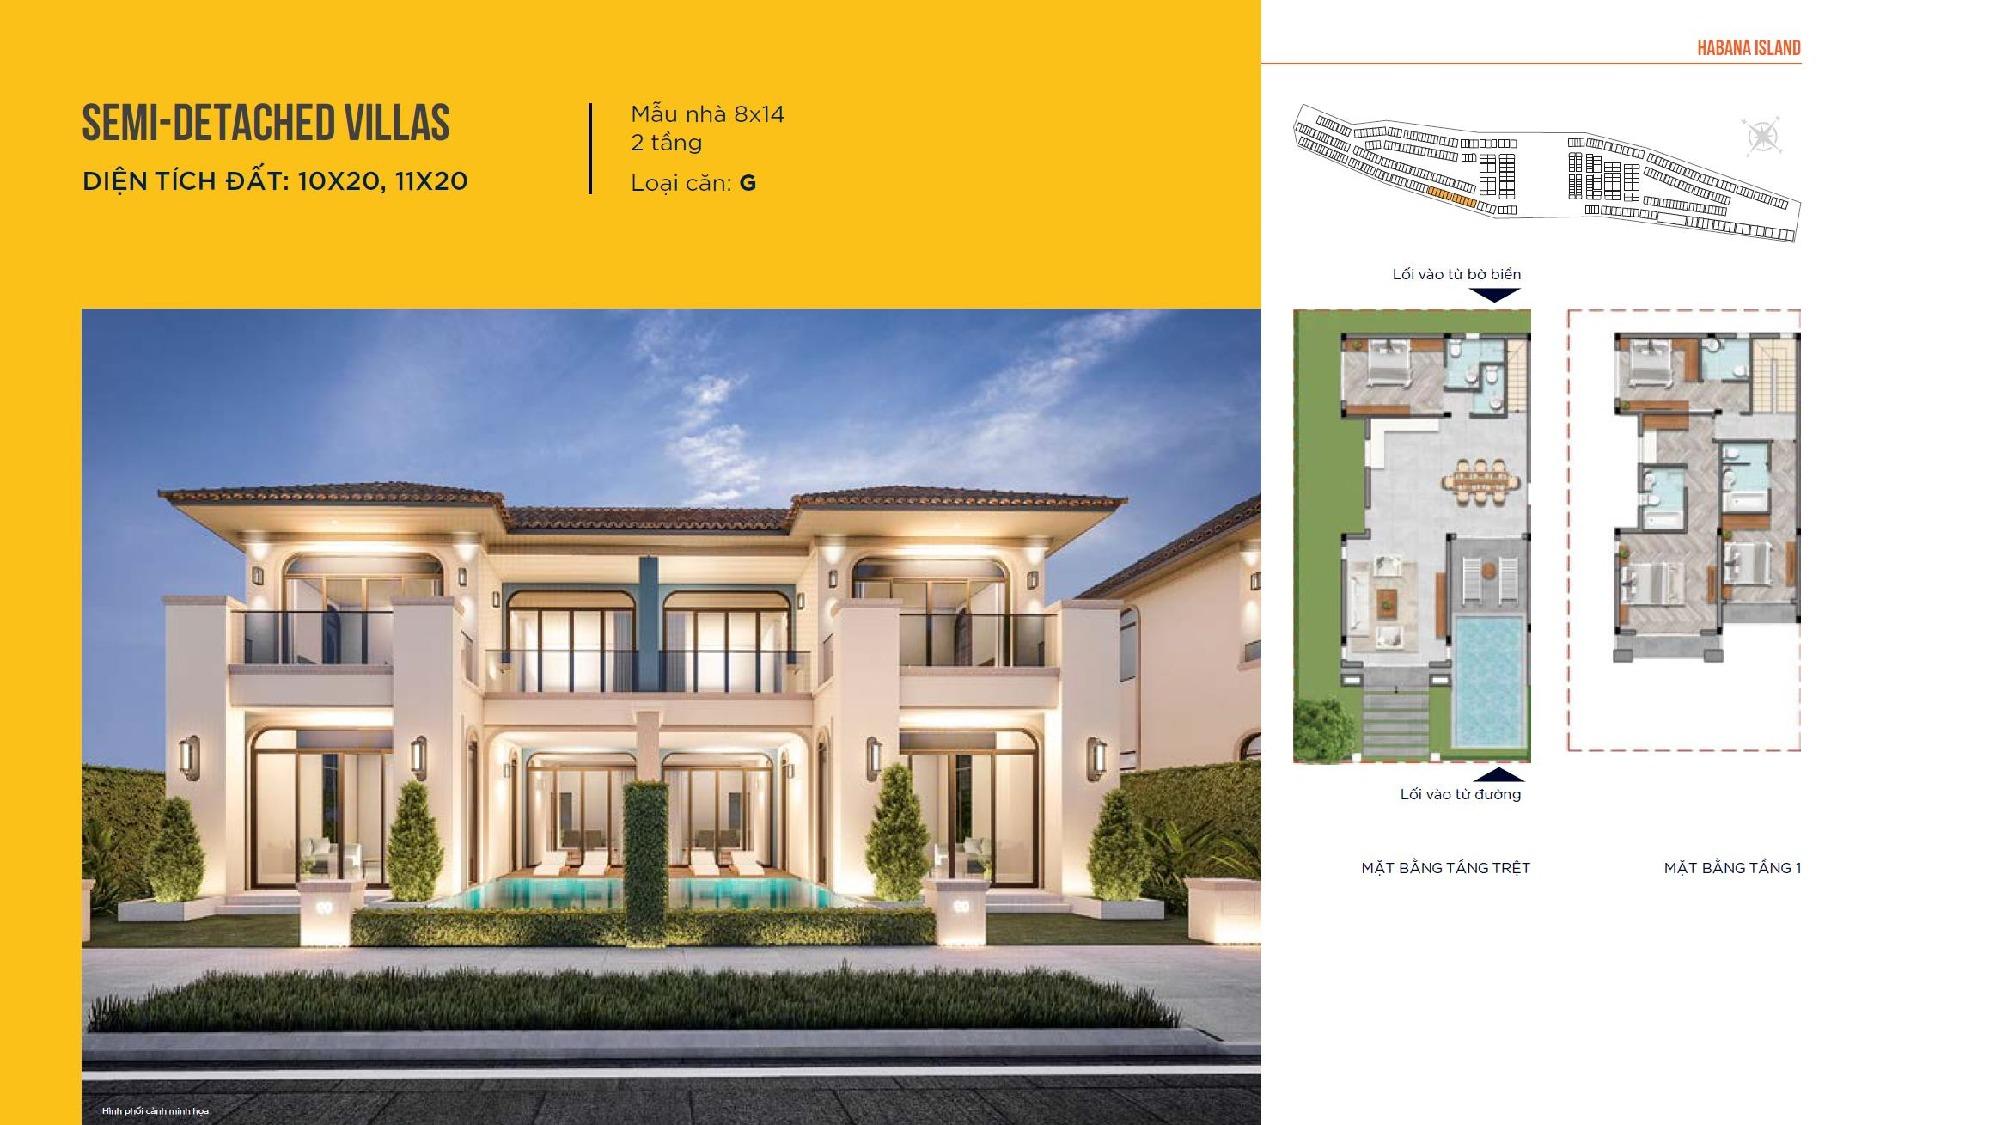 Thiết kế nhà mẫu Semi-Detached Villas 8x14 loại căn G Novaworld Đà Lạt nhà phát triển Novaland